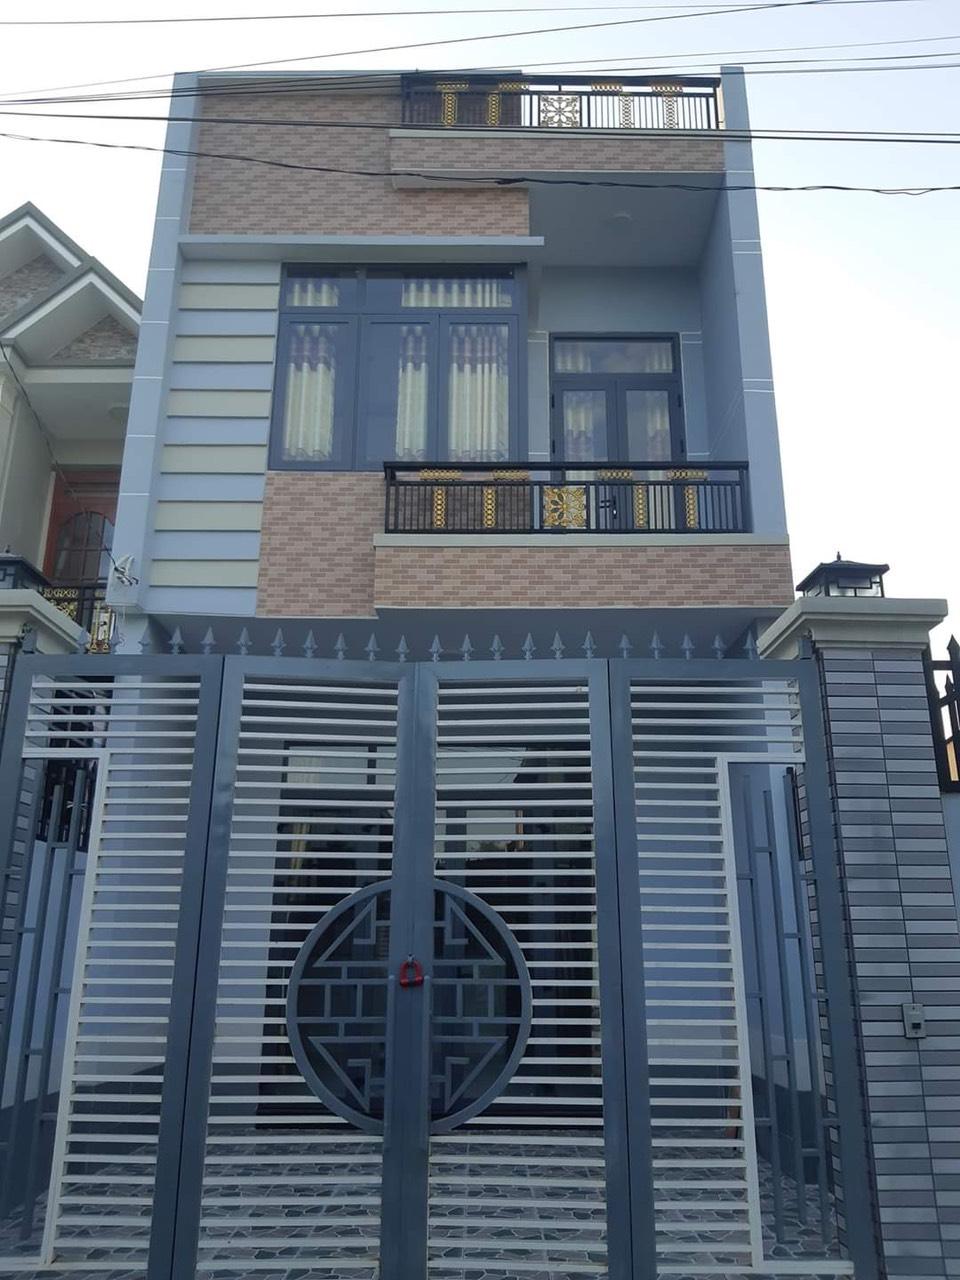 Bán nhà Dĩ An 1 lầu 1 trệt sổ hồng riêng chính chủ phường Tân Đông Hiệp, TP Dĩ An, Bình Dương